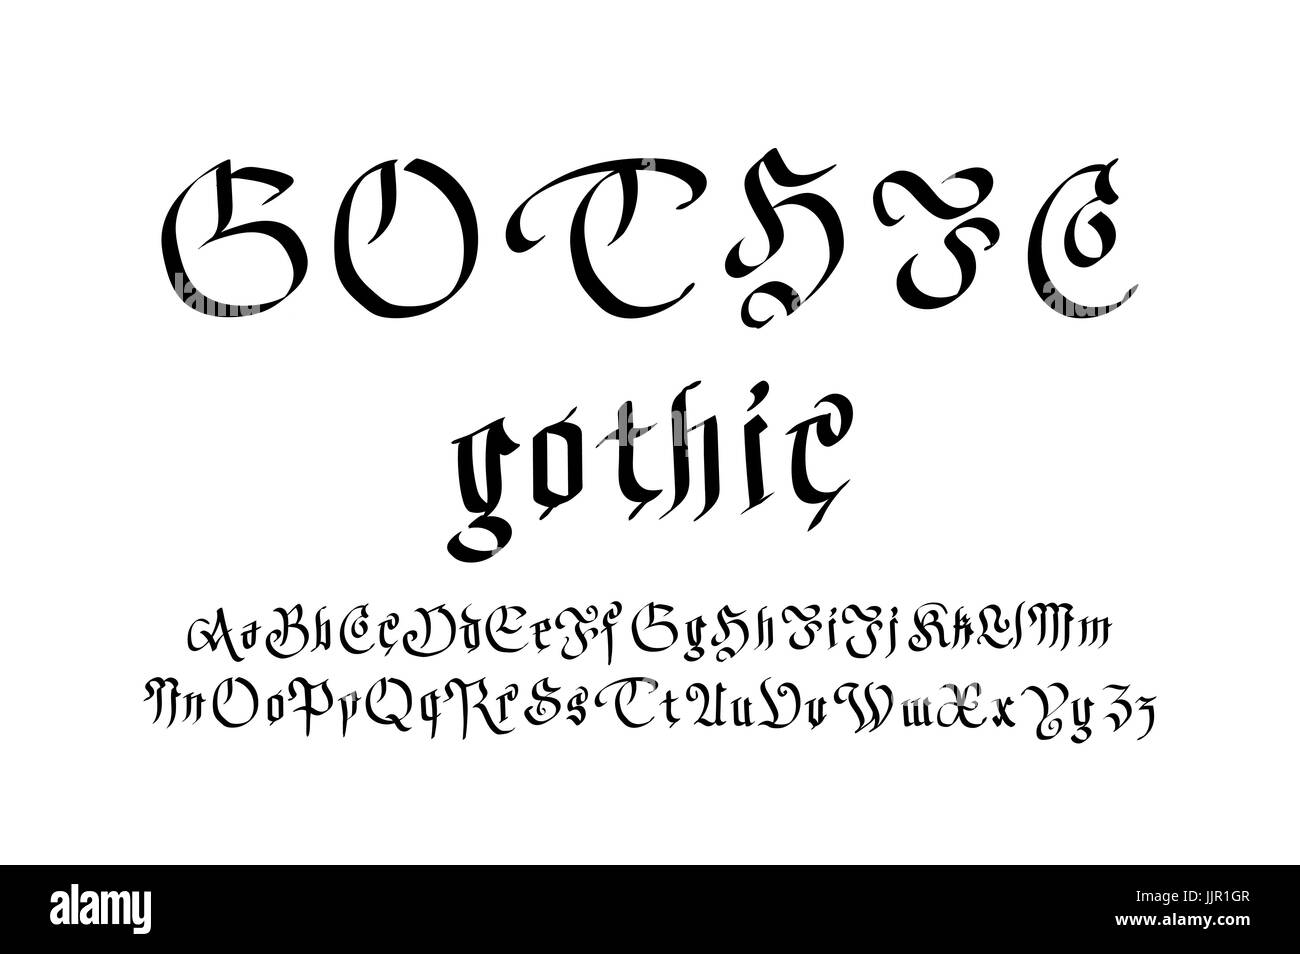 Style gothique moderne font lettres gothiques vecteur dart style gothique moderne font lettres gothiques vecteur dart thecheapjerseys Choice Image